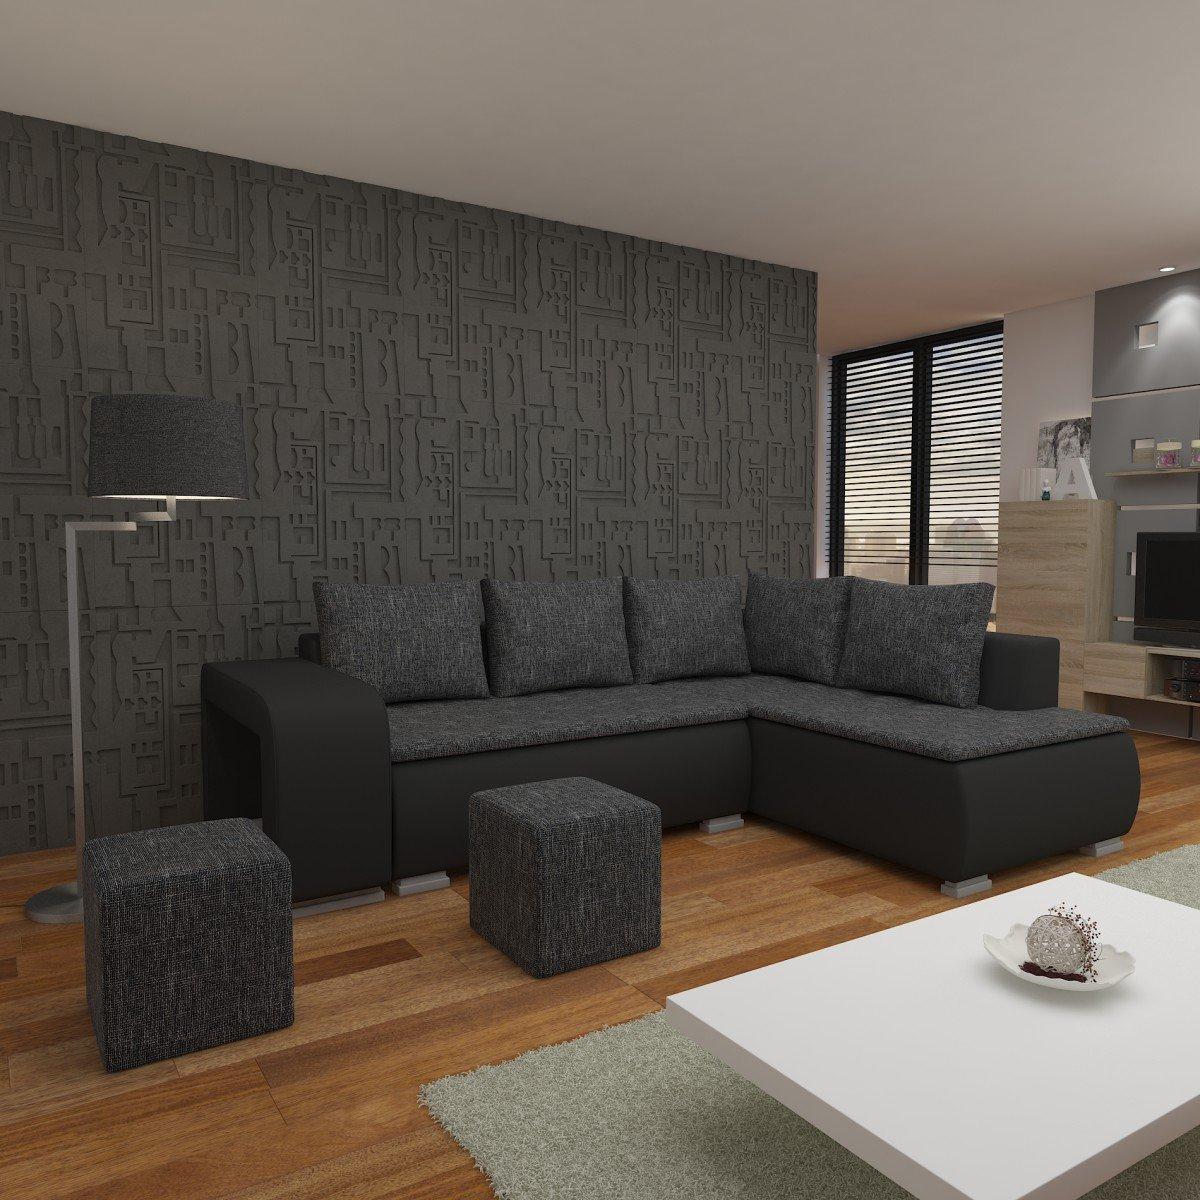 schwarze eckcouch finest couch schwarz wohnzimmer grau weis sofa leder ebay eckcouch with. Black Bedroom Furniture Sets. Home Design Ideas